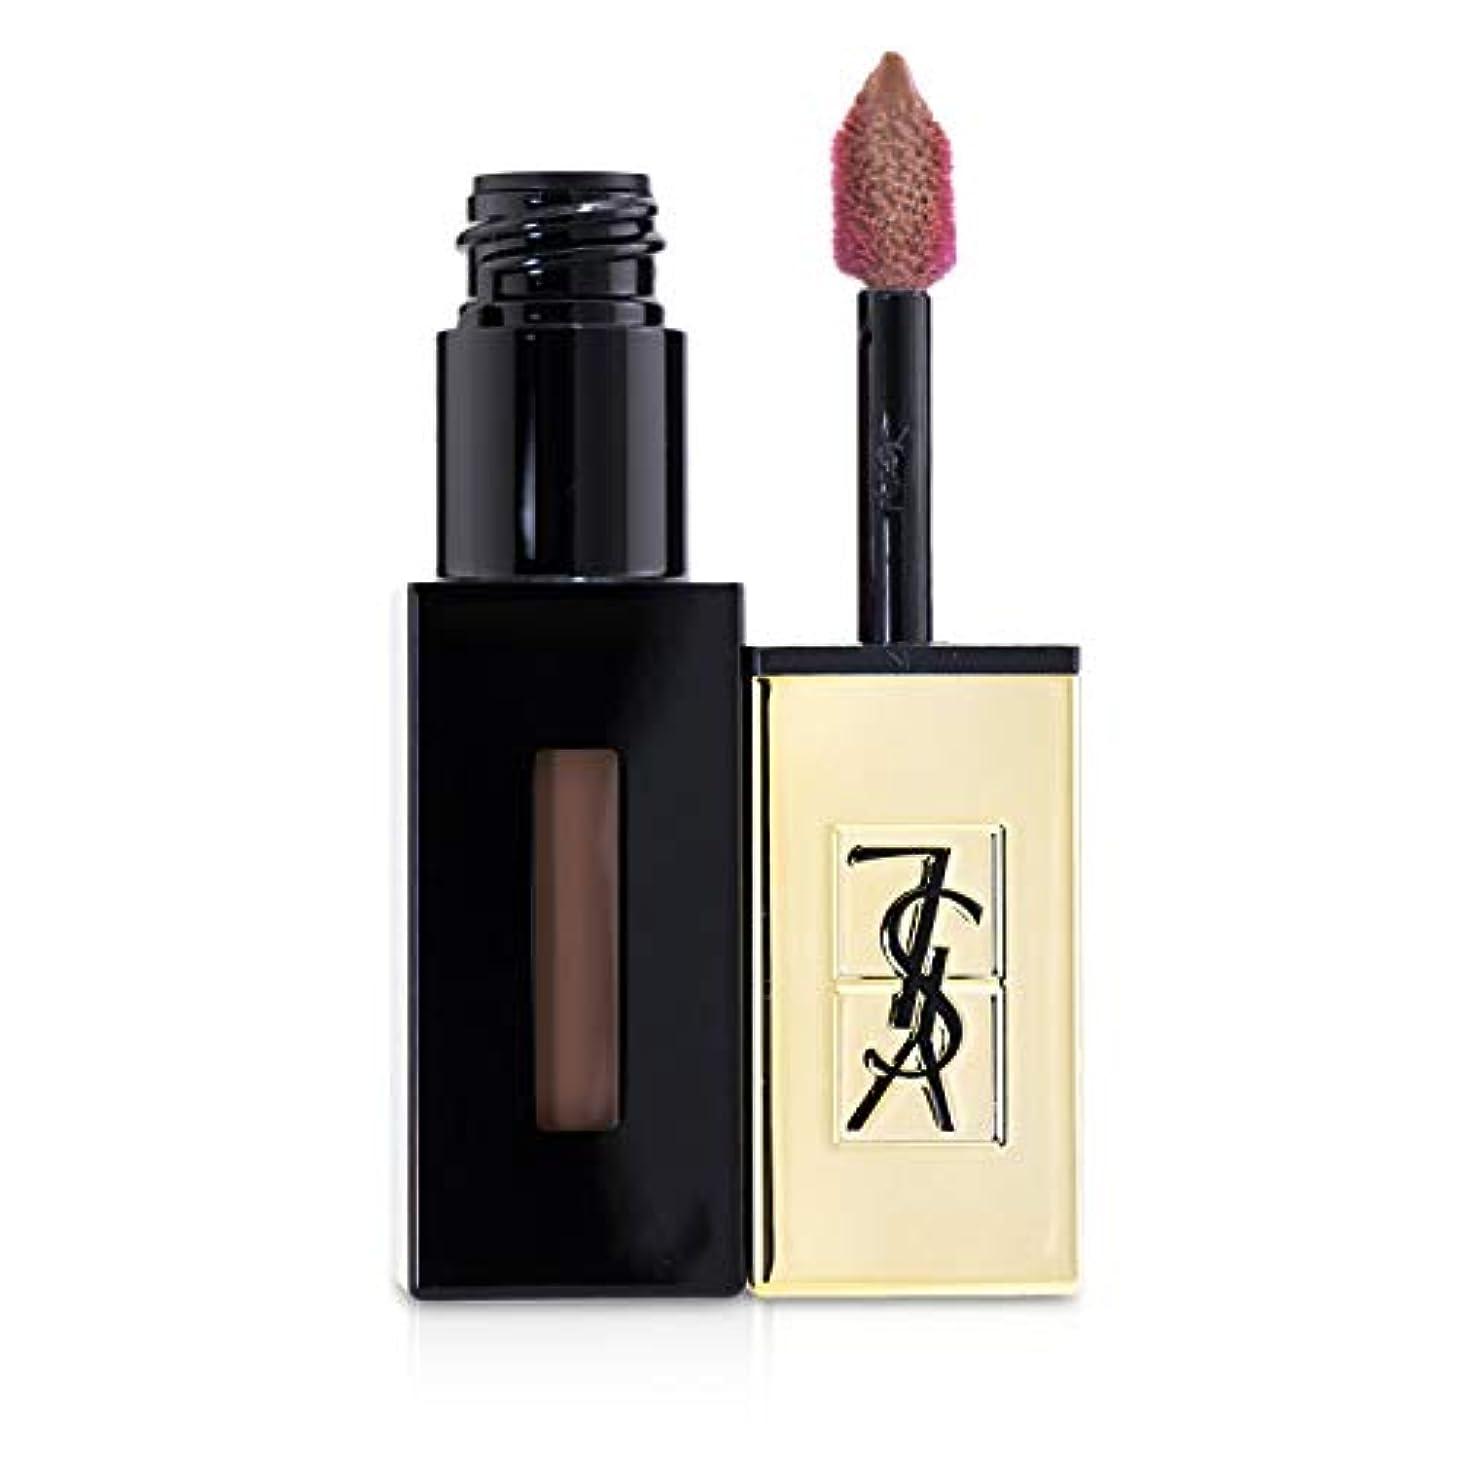 オセアニアストレッチ厳しいイヴ?サンローラン Rouge Pur Couture Vernis a Levres Glossy Stain - # 55 Beige Estampe 6ml/0.2oz並行輸入品